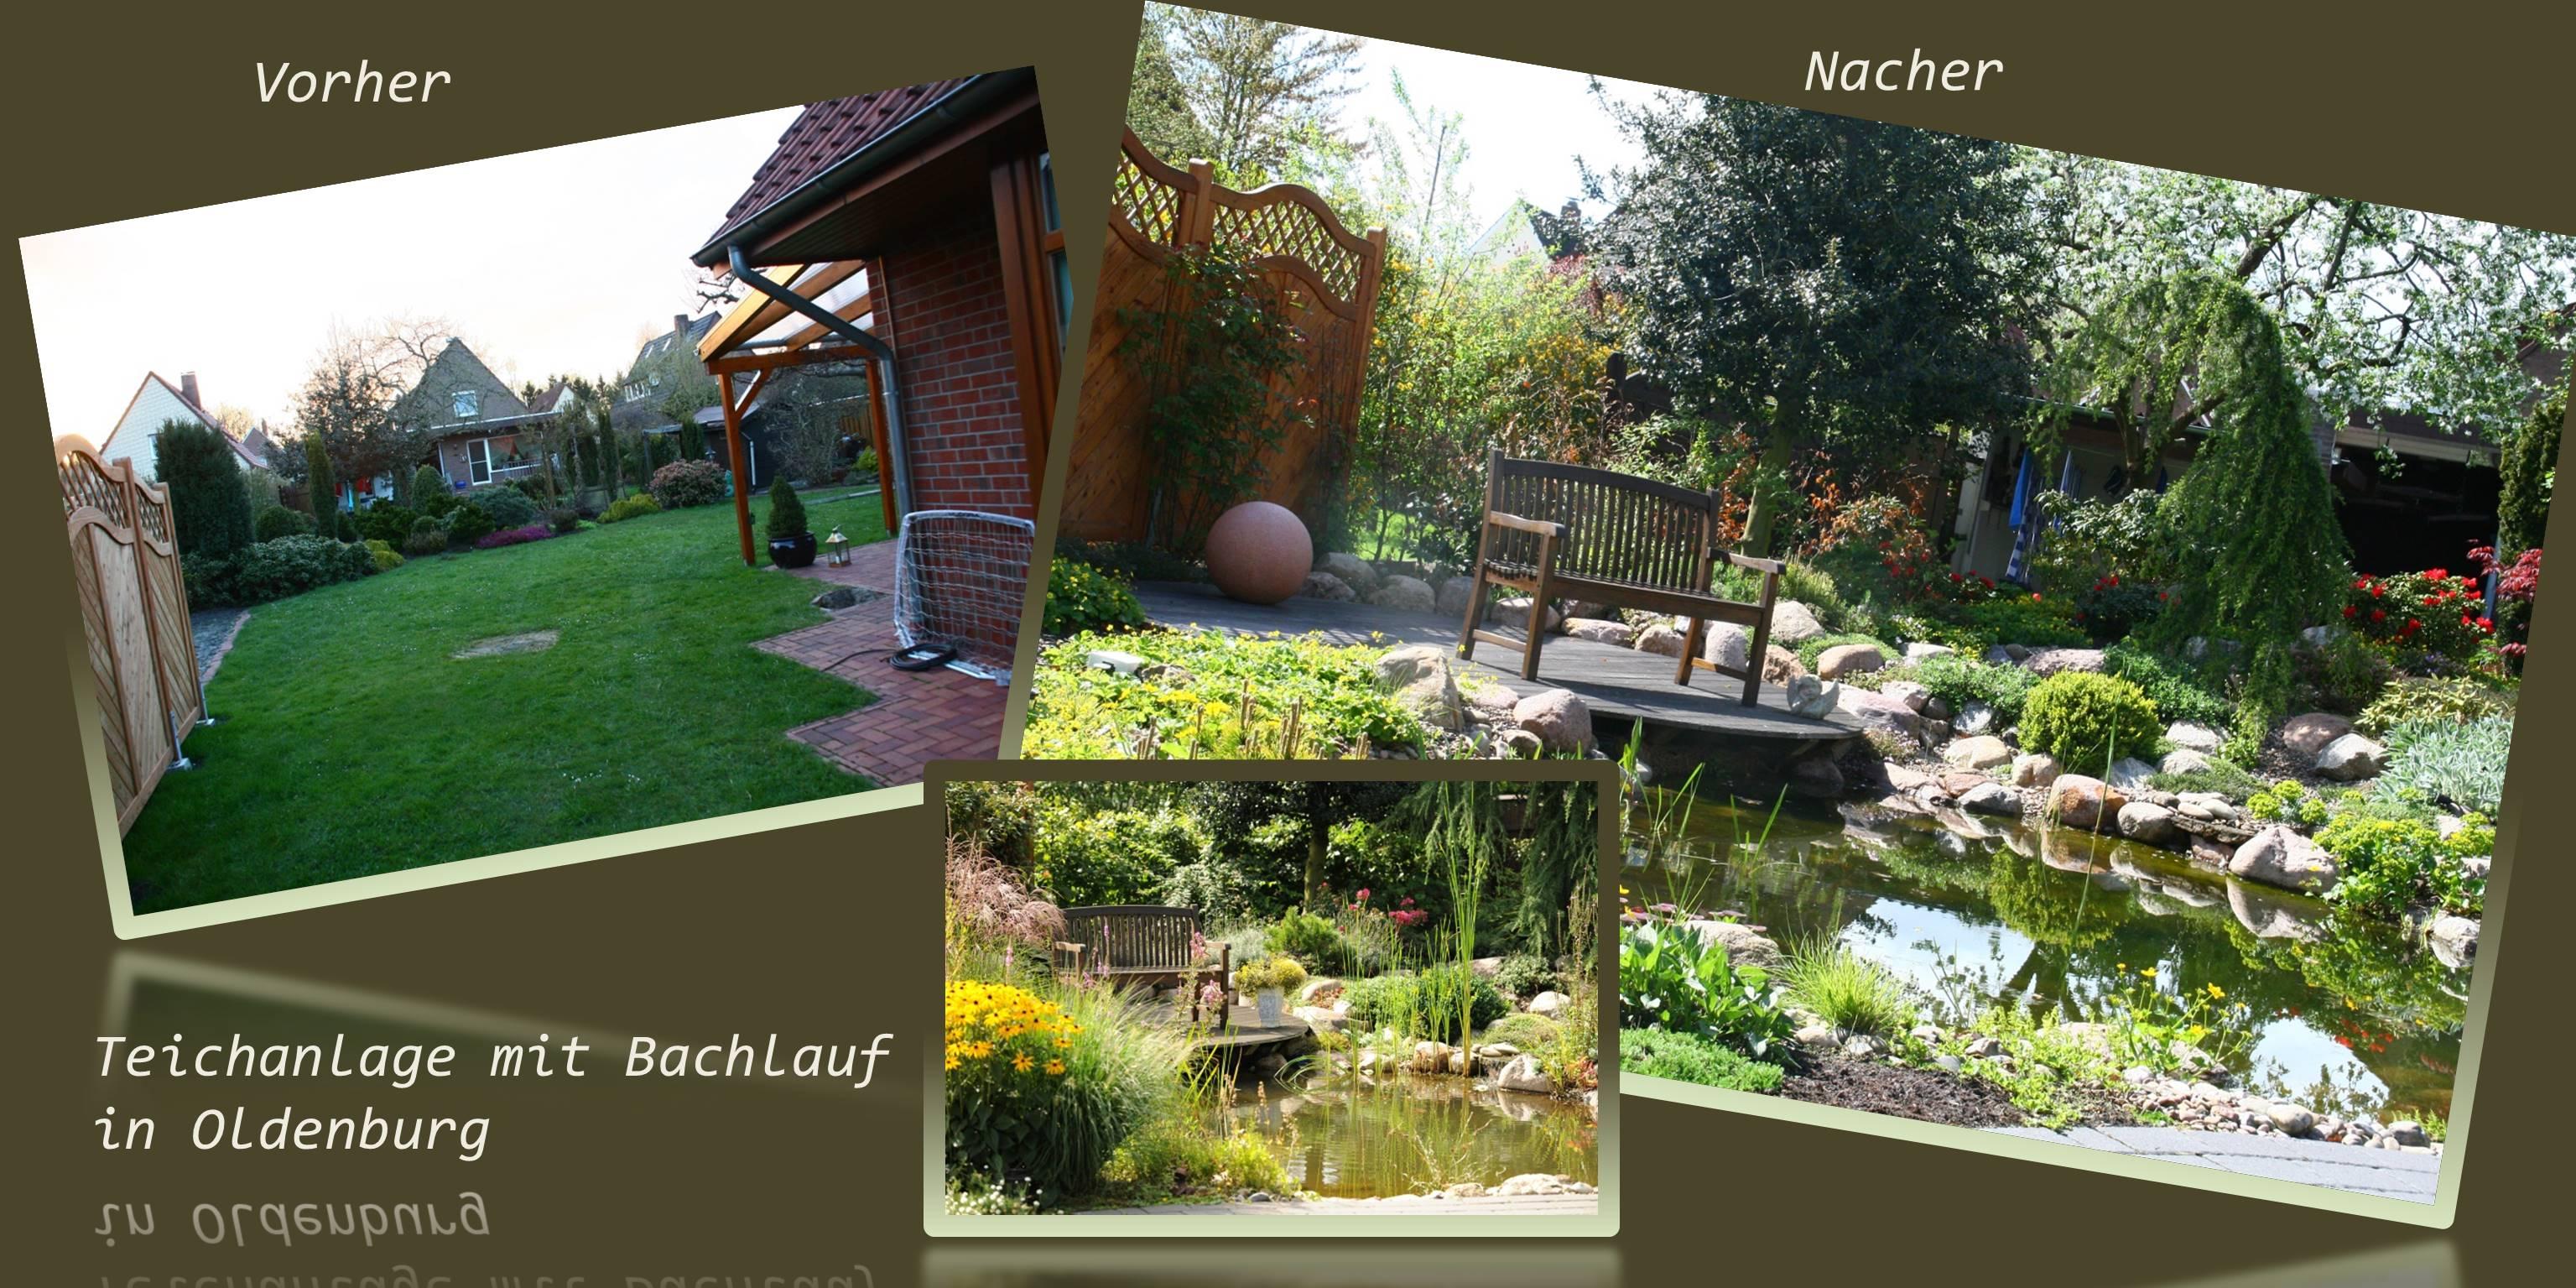 Gartenplanung gartengestaltung osanbr ck m nster oldenburg bremen gartenarchitektur - Gartenplanung hannover ...